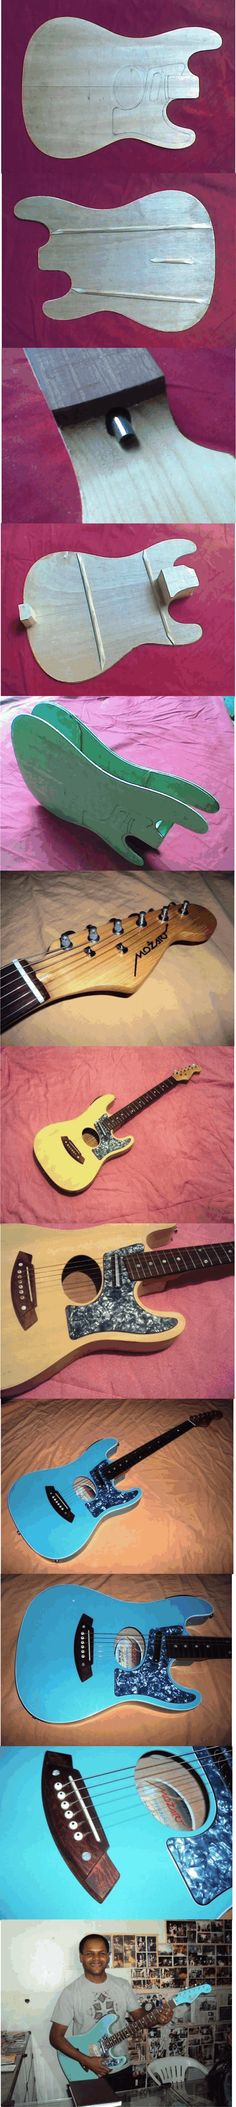 Violão Mozart - Fabricação Encomenda - Oficina das Guitarras Mozart